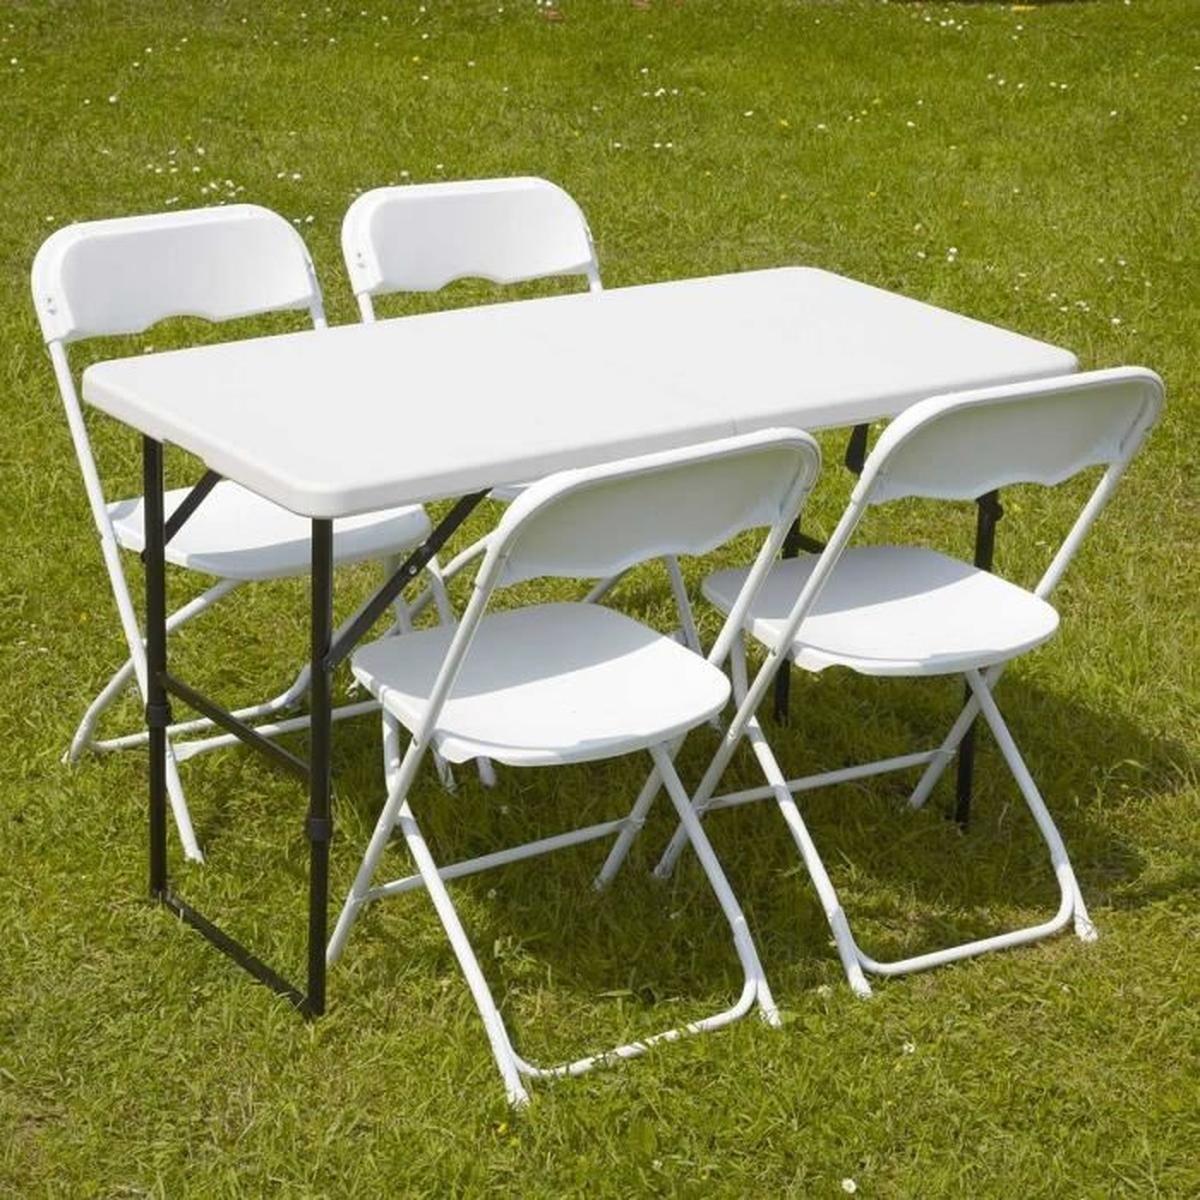 Table D'appoint Pliable Et 4 Chaises Pliantes - Achat ... à Table Jardin 4 Personnes